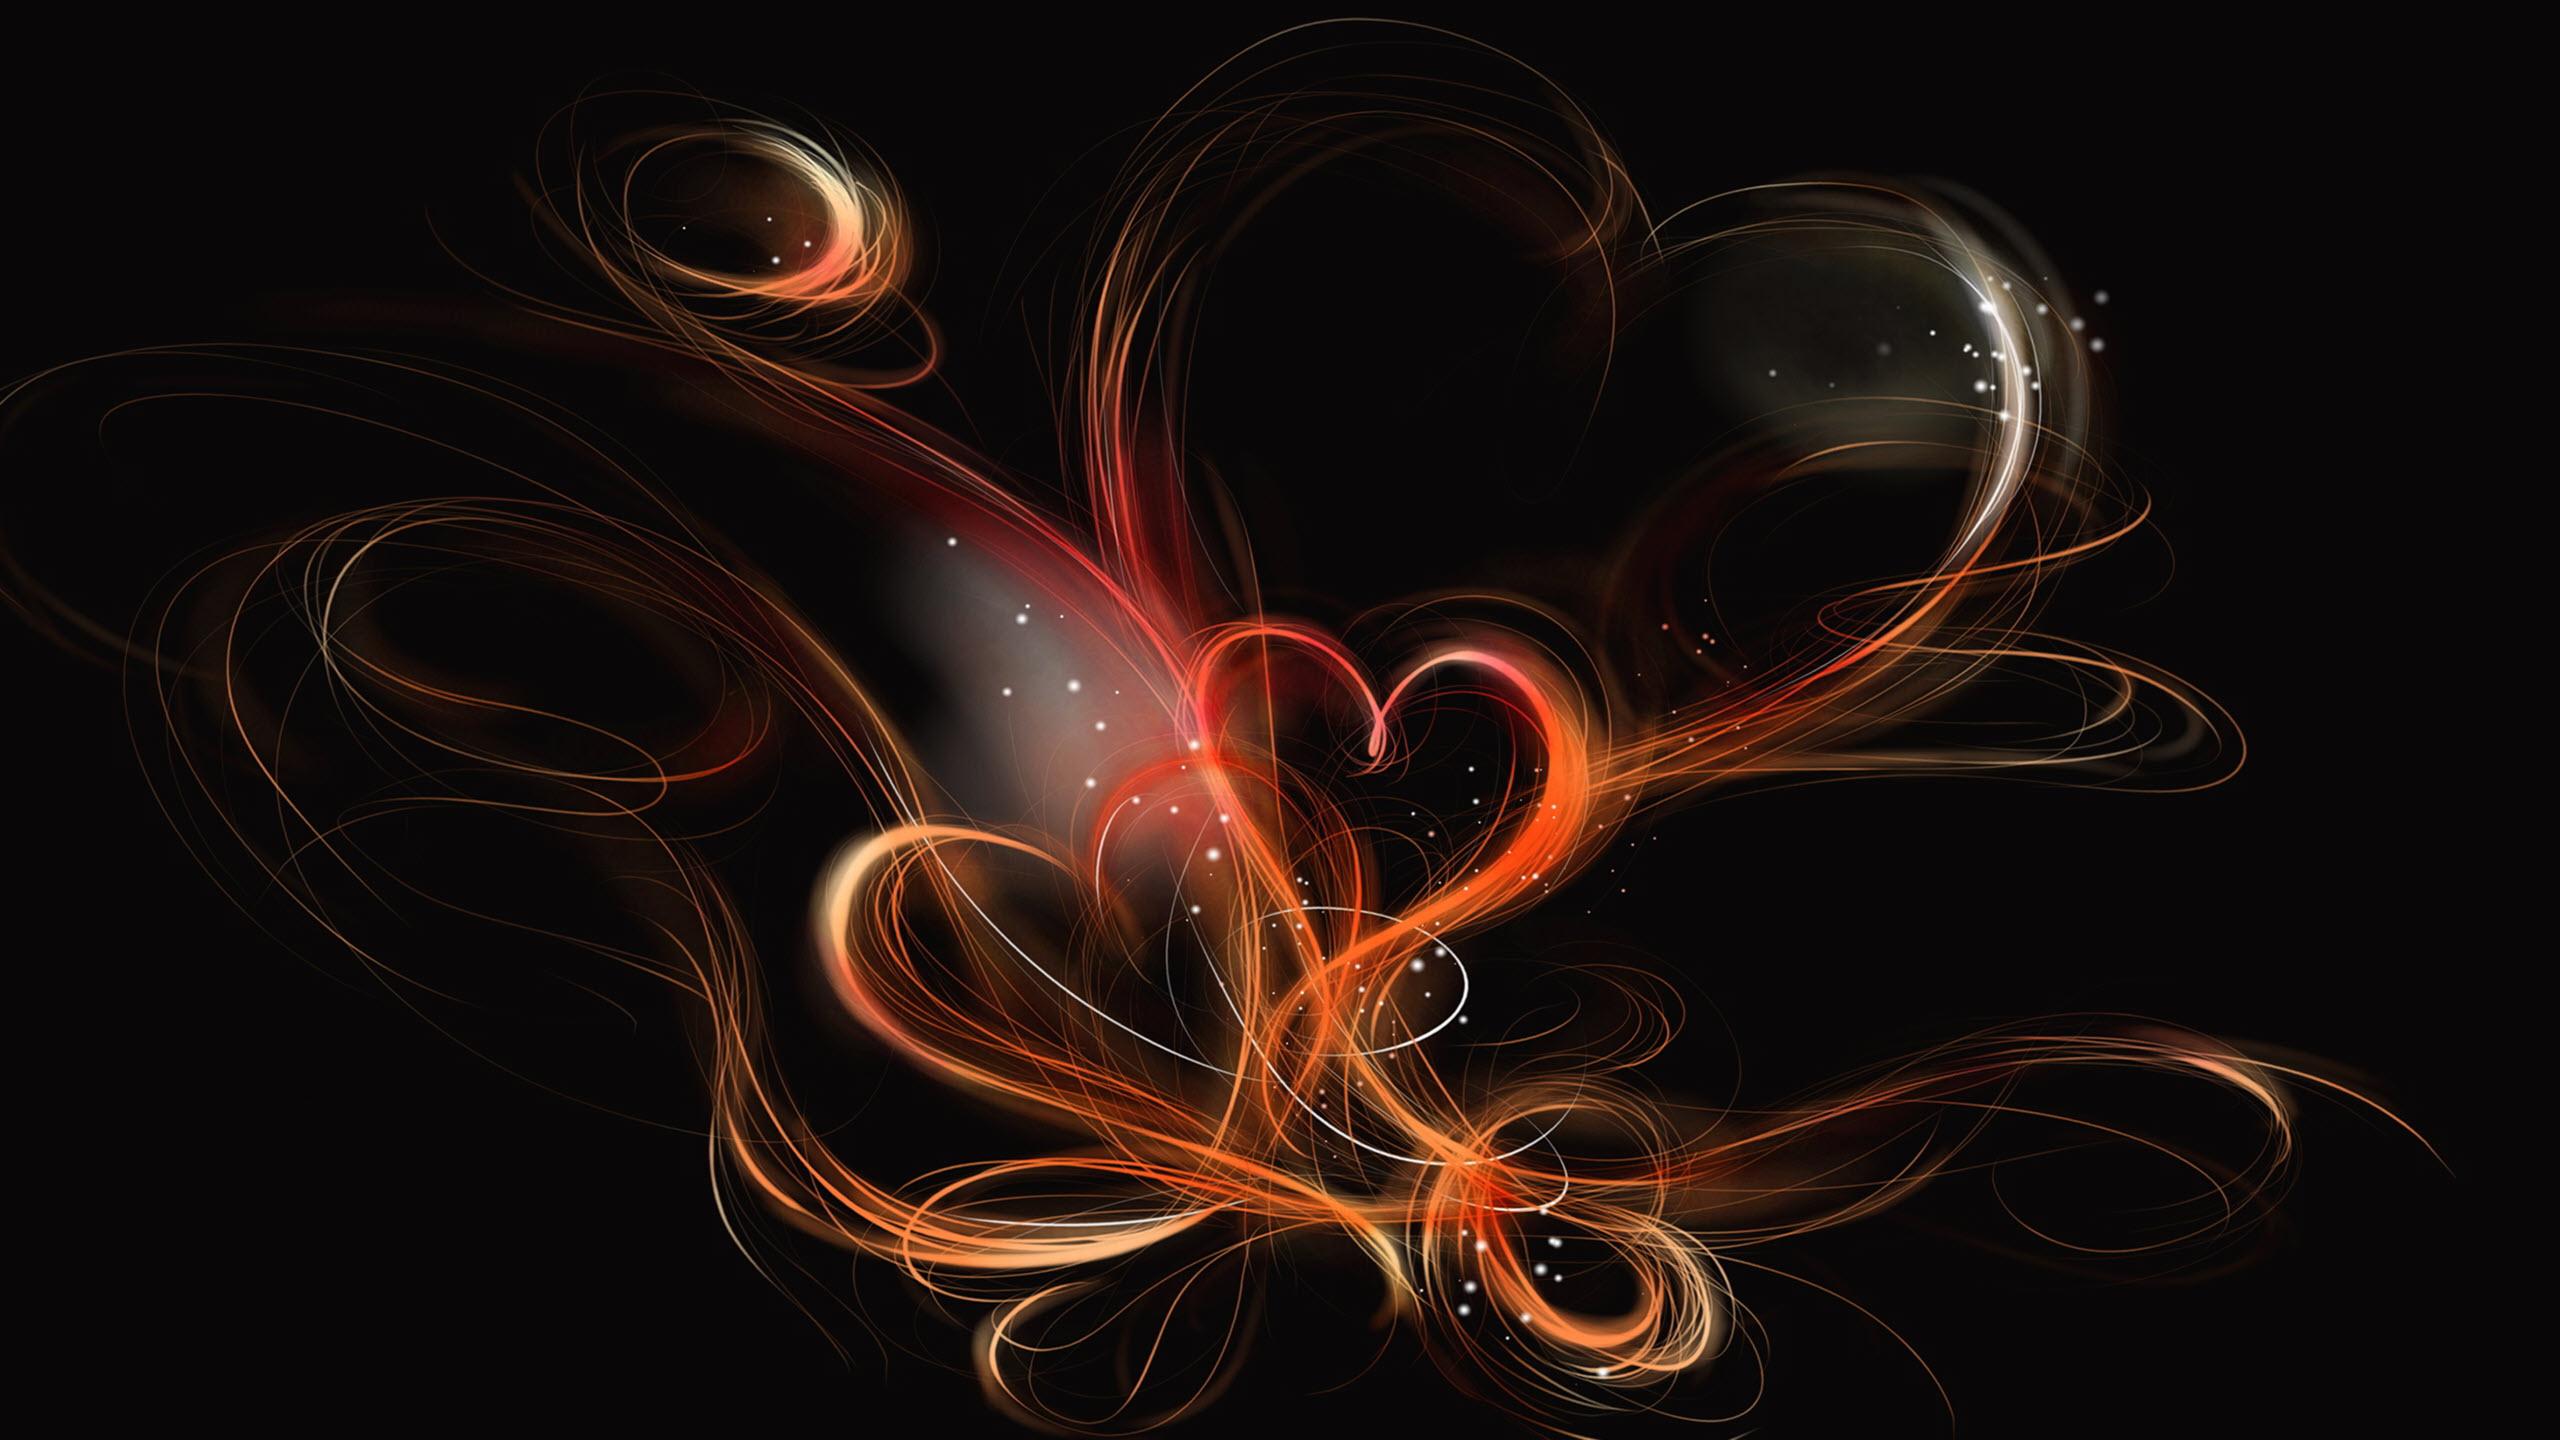 Hình nền trái tim đẹp cho máy tính